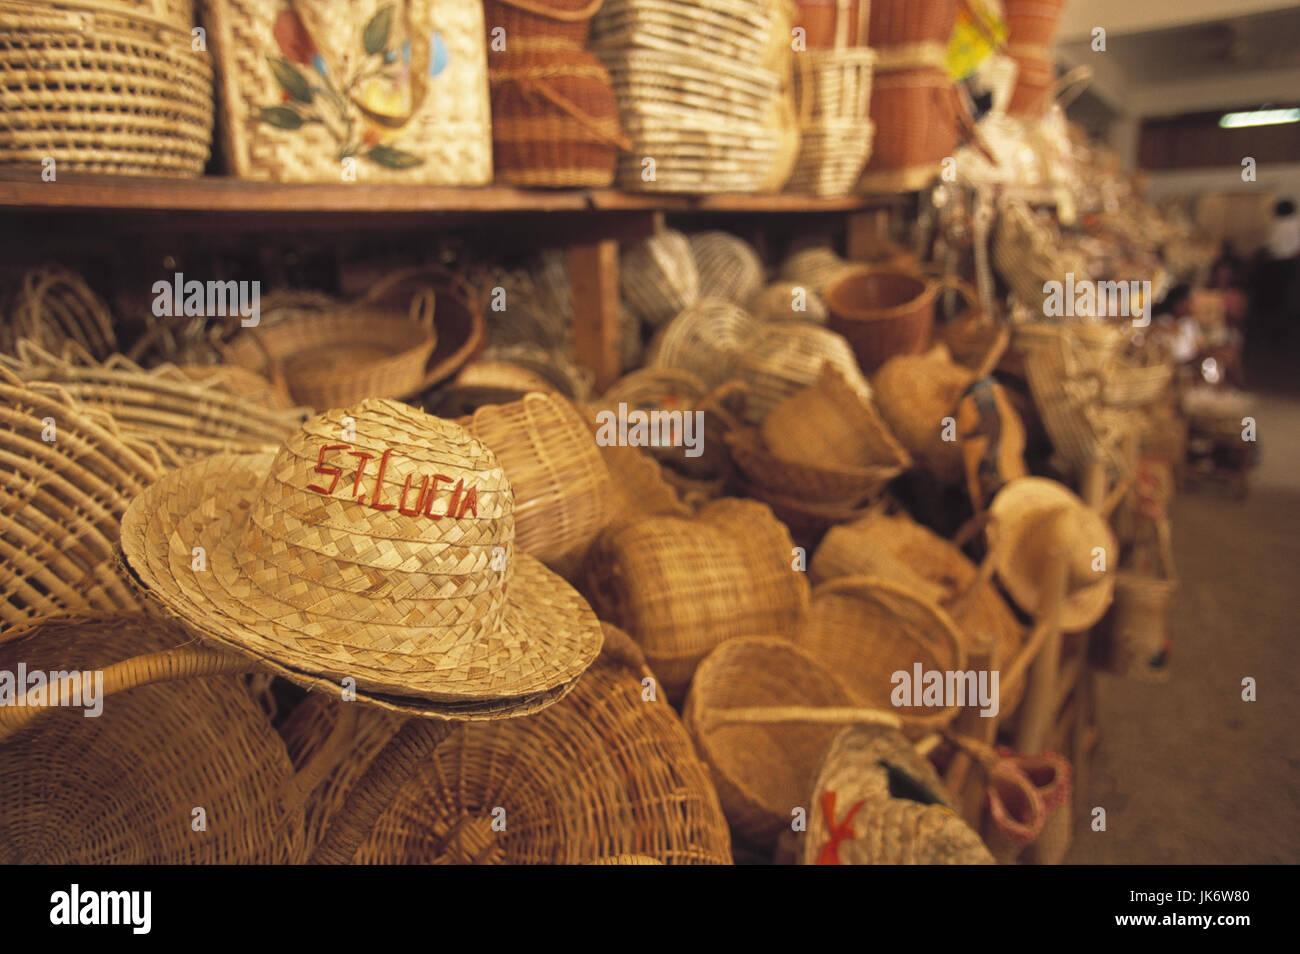 Karibik, Kleine Antillen, Saint Lucia,  Castries, Castries Market, Verkauf,  Strohhüte, Korbwaren Mittelamerika, - Stock Image